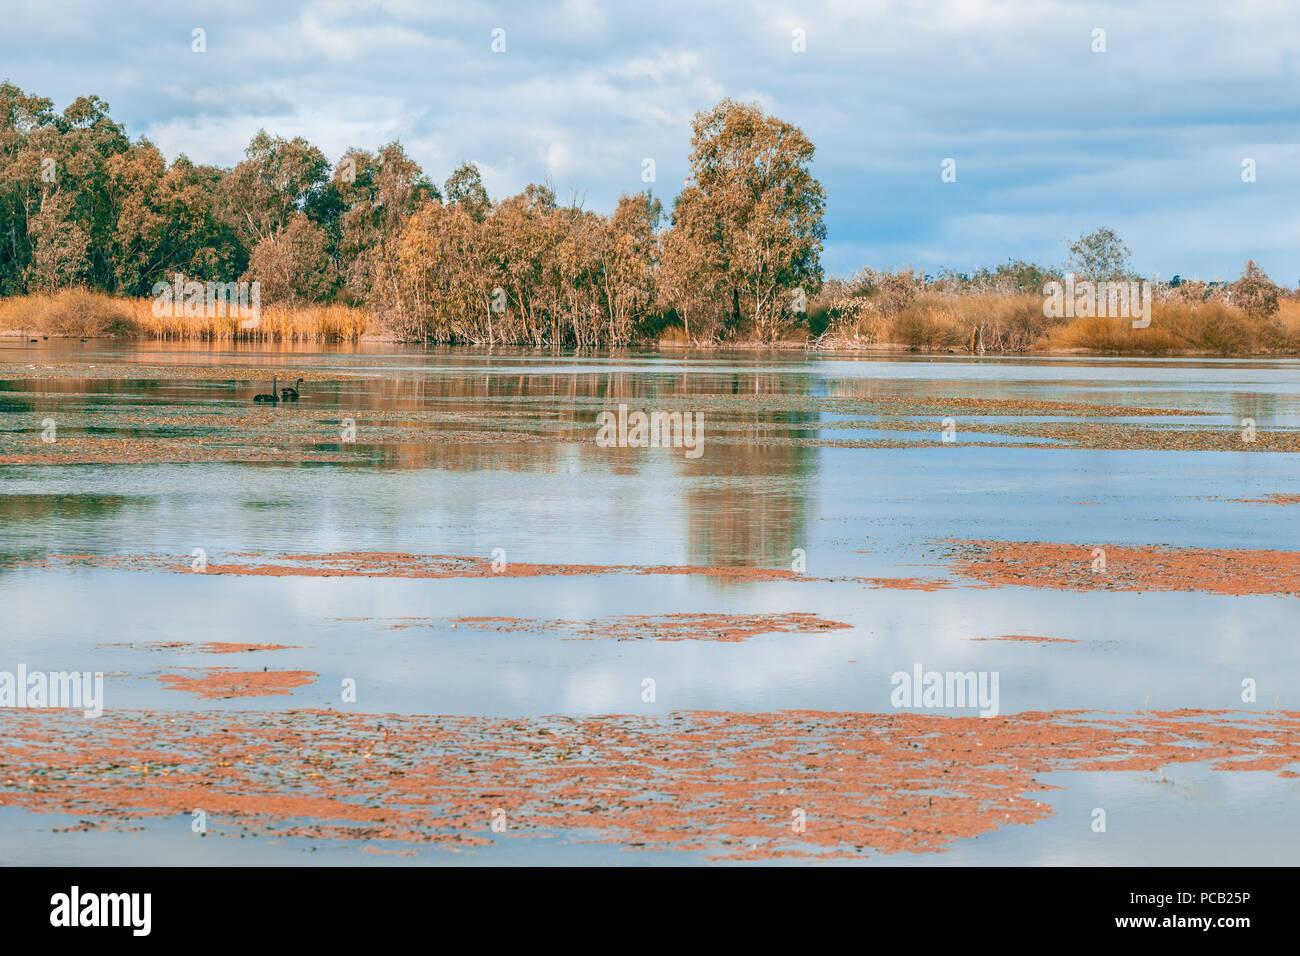 Schönen Naturschutzgebiet am Murray River bei Banrock Station, Riverland, South Australia Stockbild